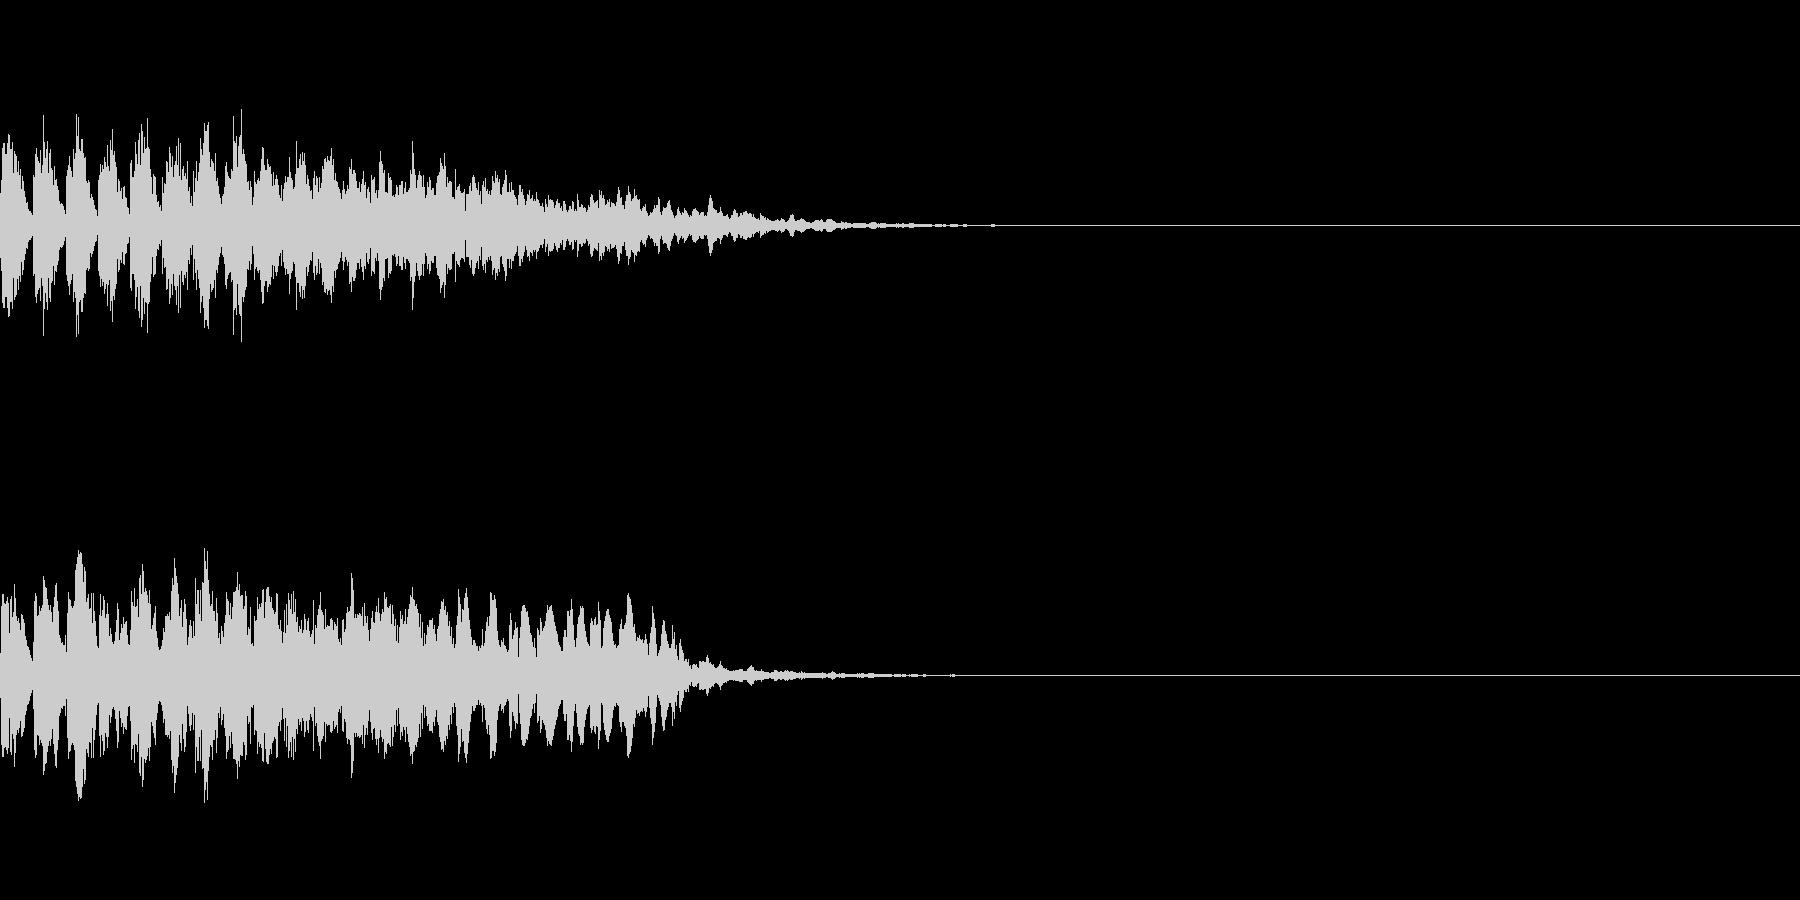 瞬間移動/回想シーン/タイムワープ Aの未再生の波形